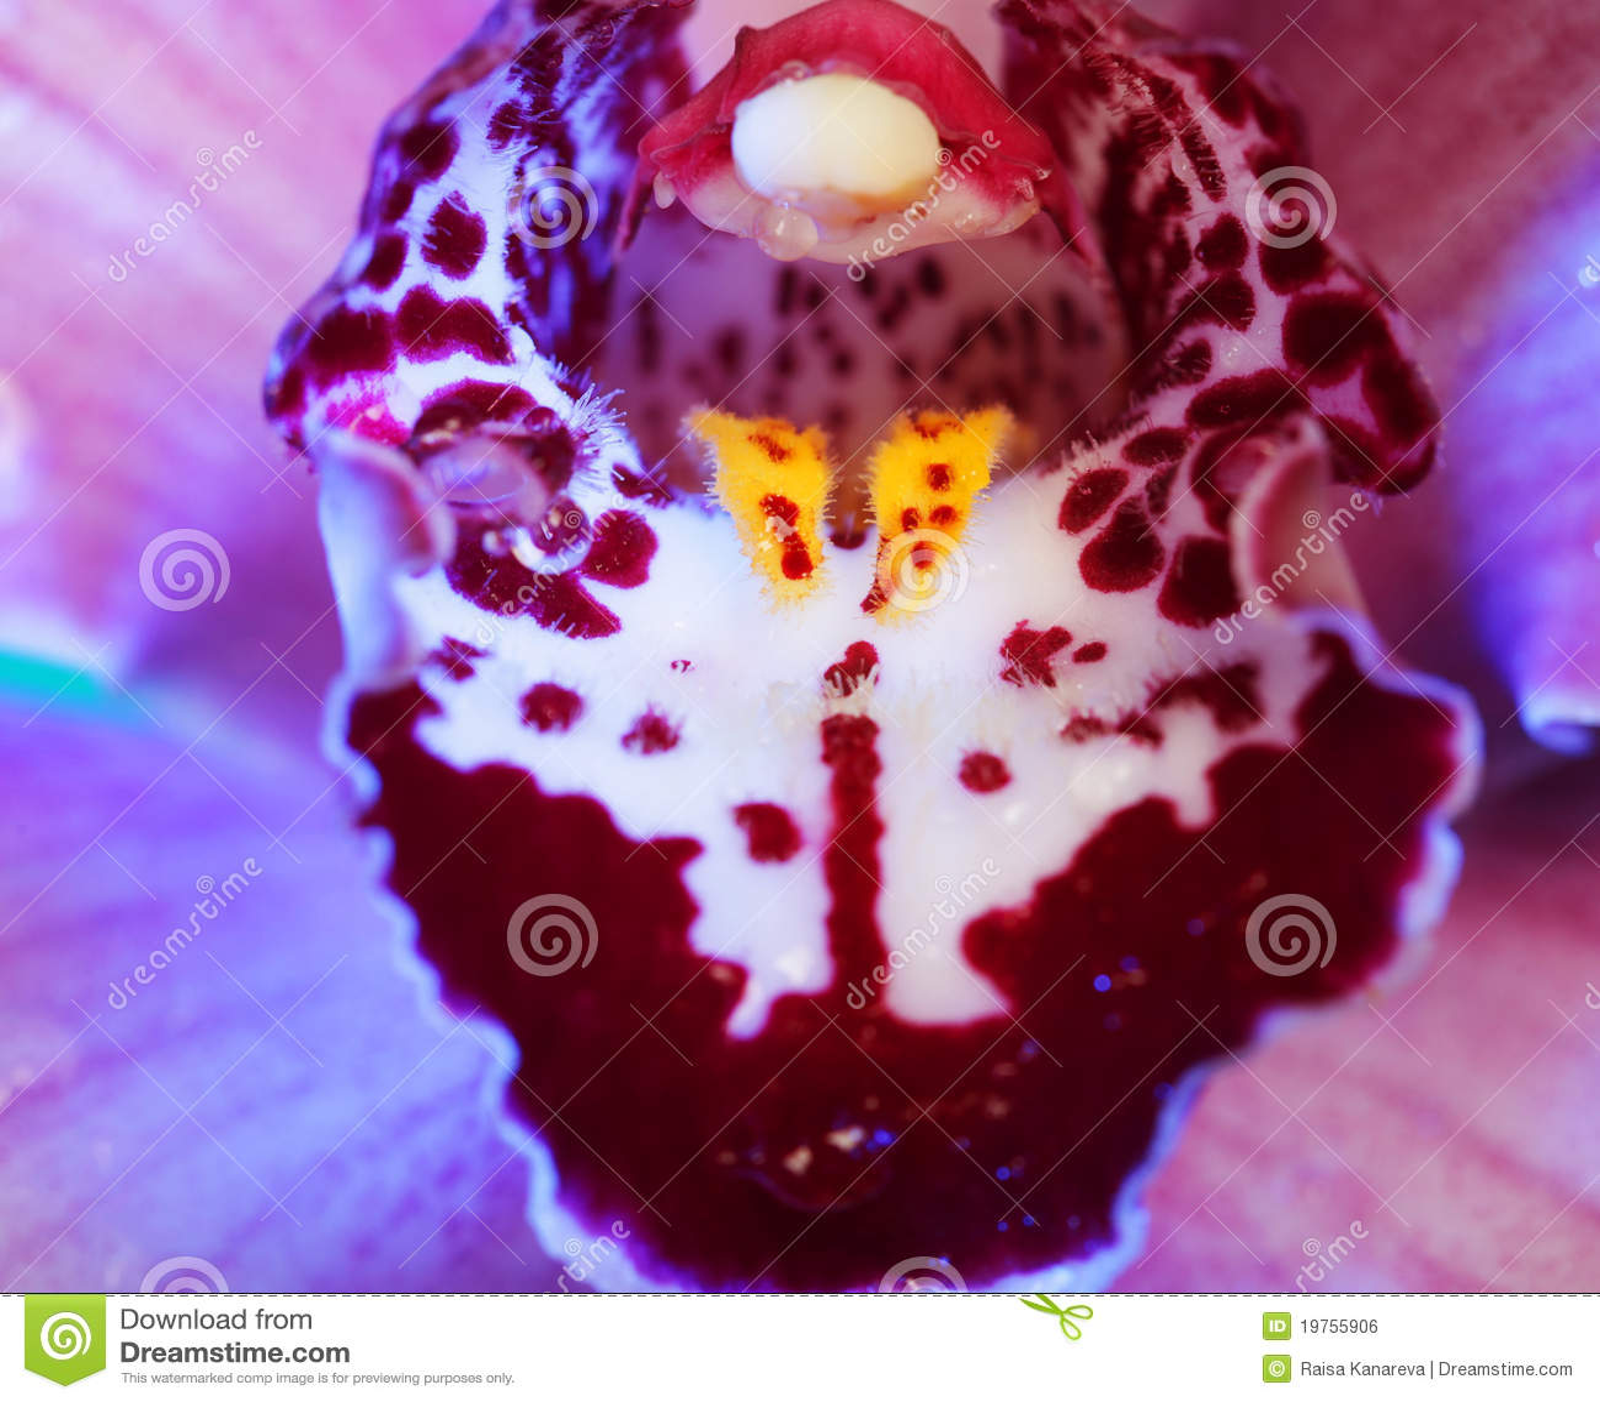 fleur magnifique d'orchidée image libre de droits - image: 19755906